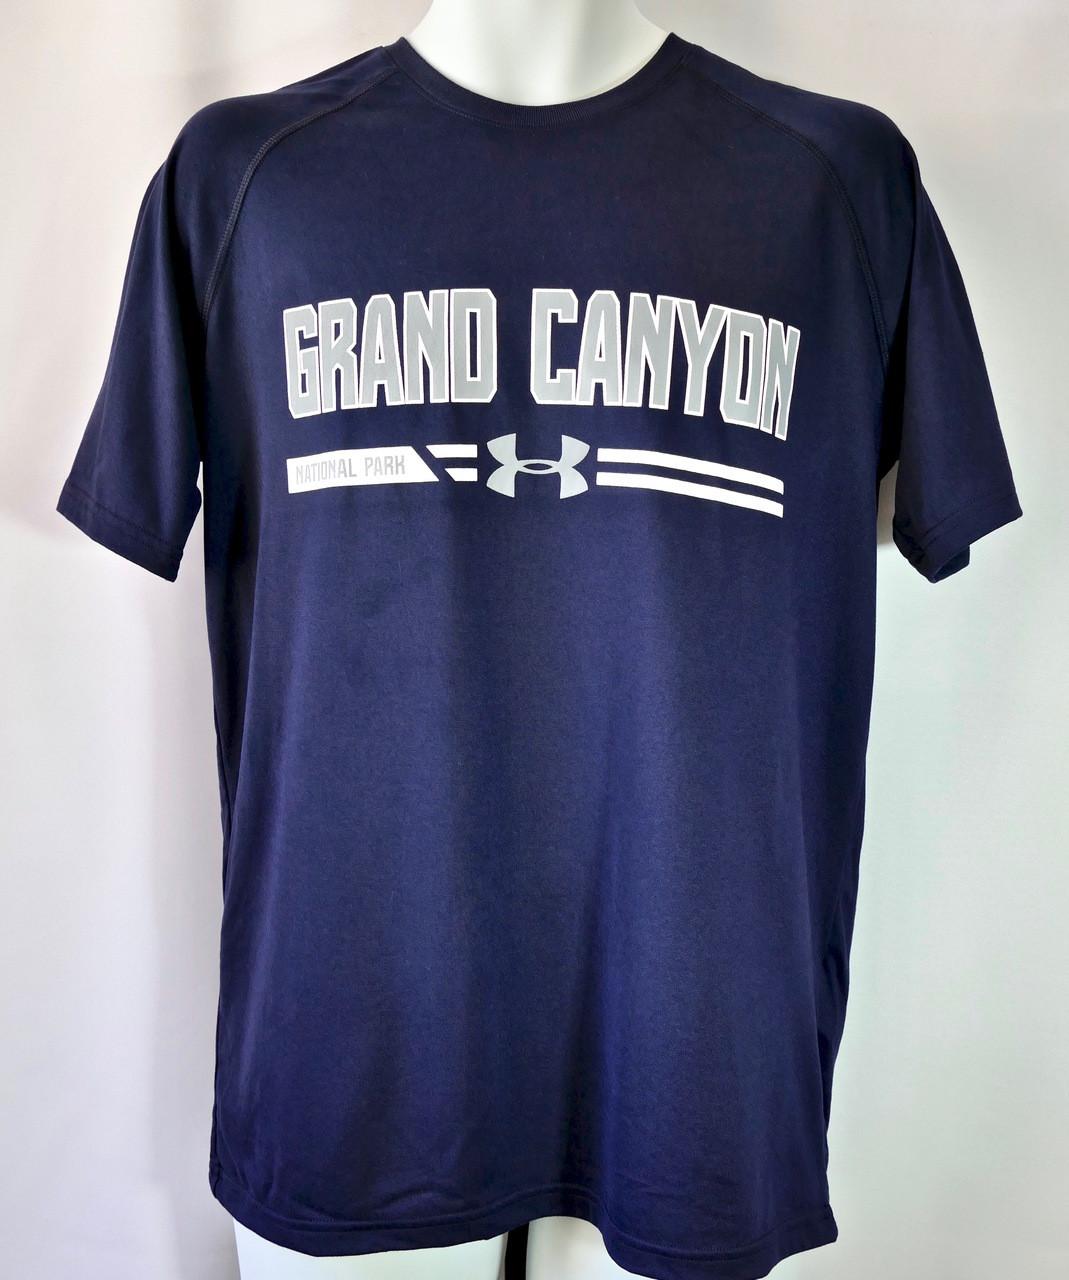 topowe marki całkowicie stylowy unikalny design Grand Canyon Under Armour Men's Shirt Navy Blue